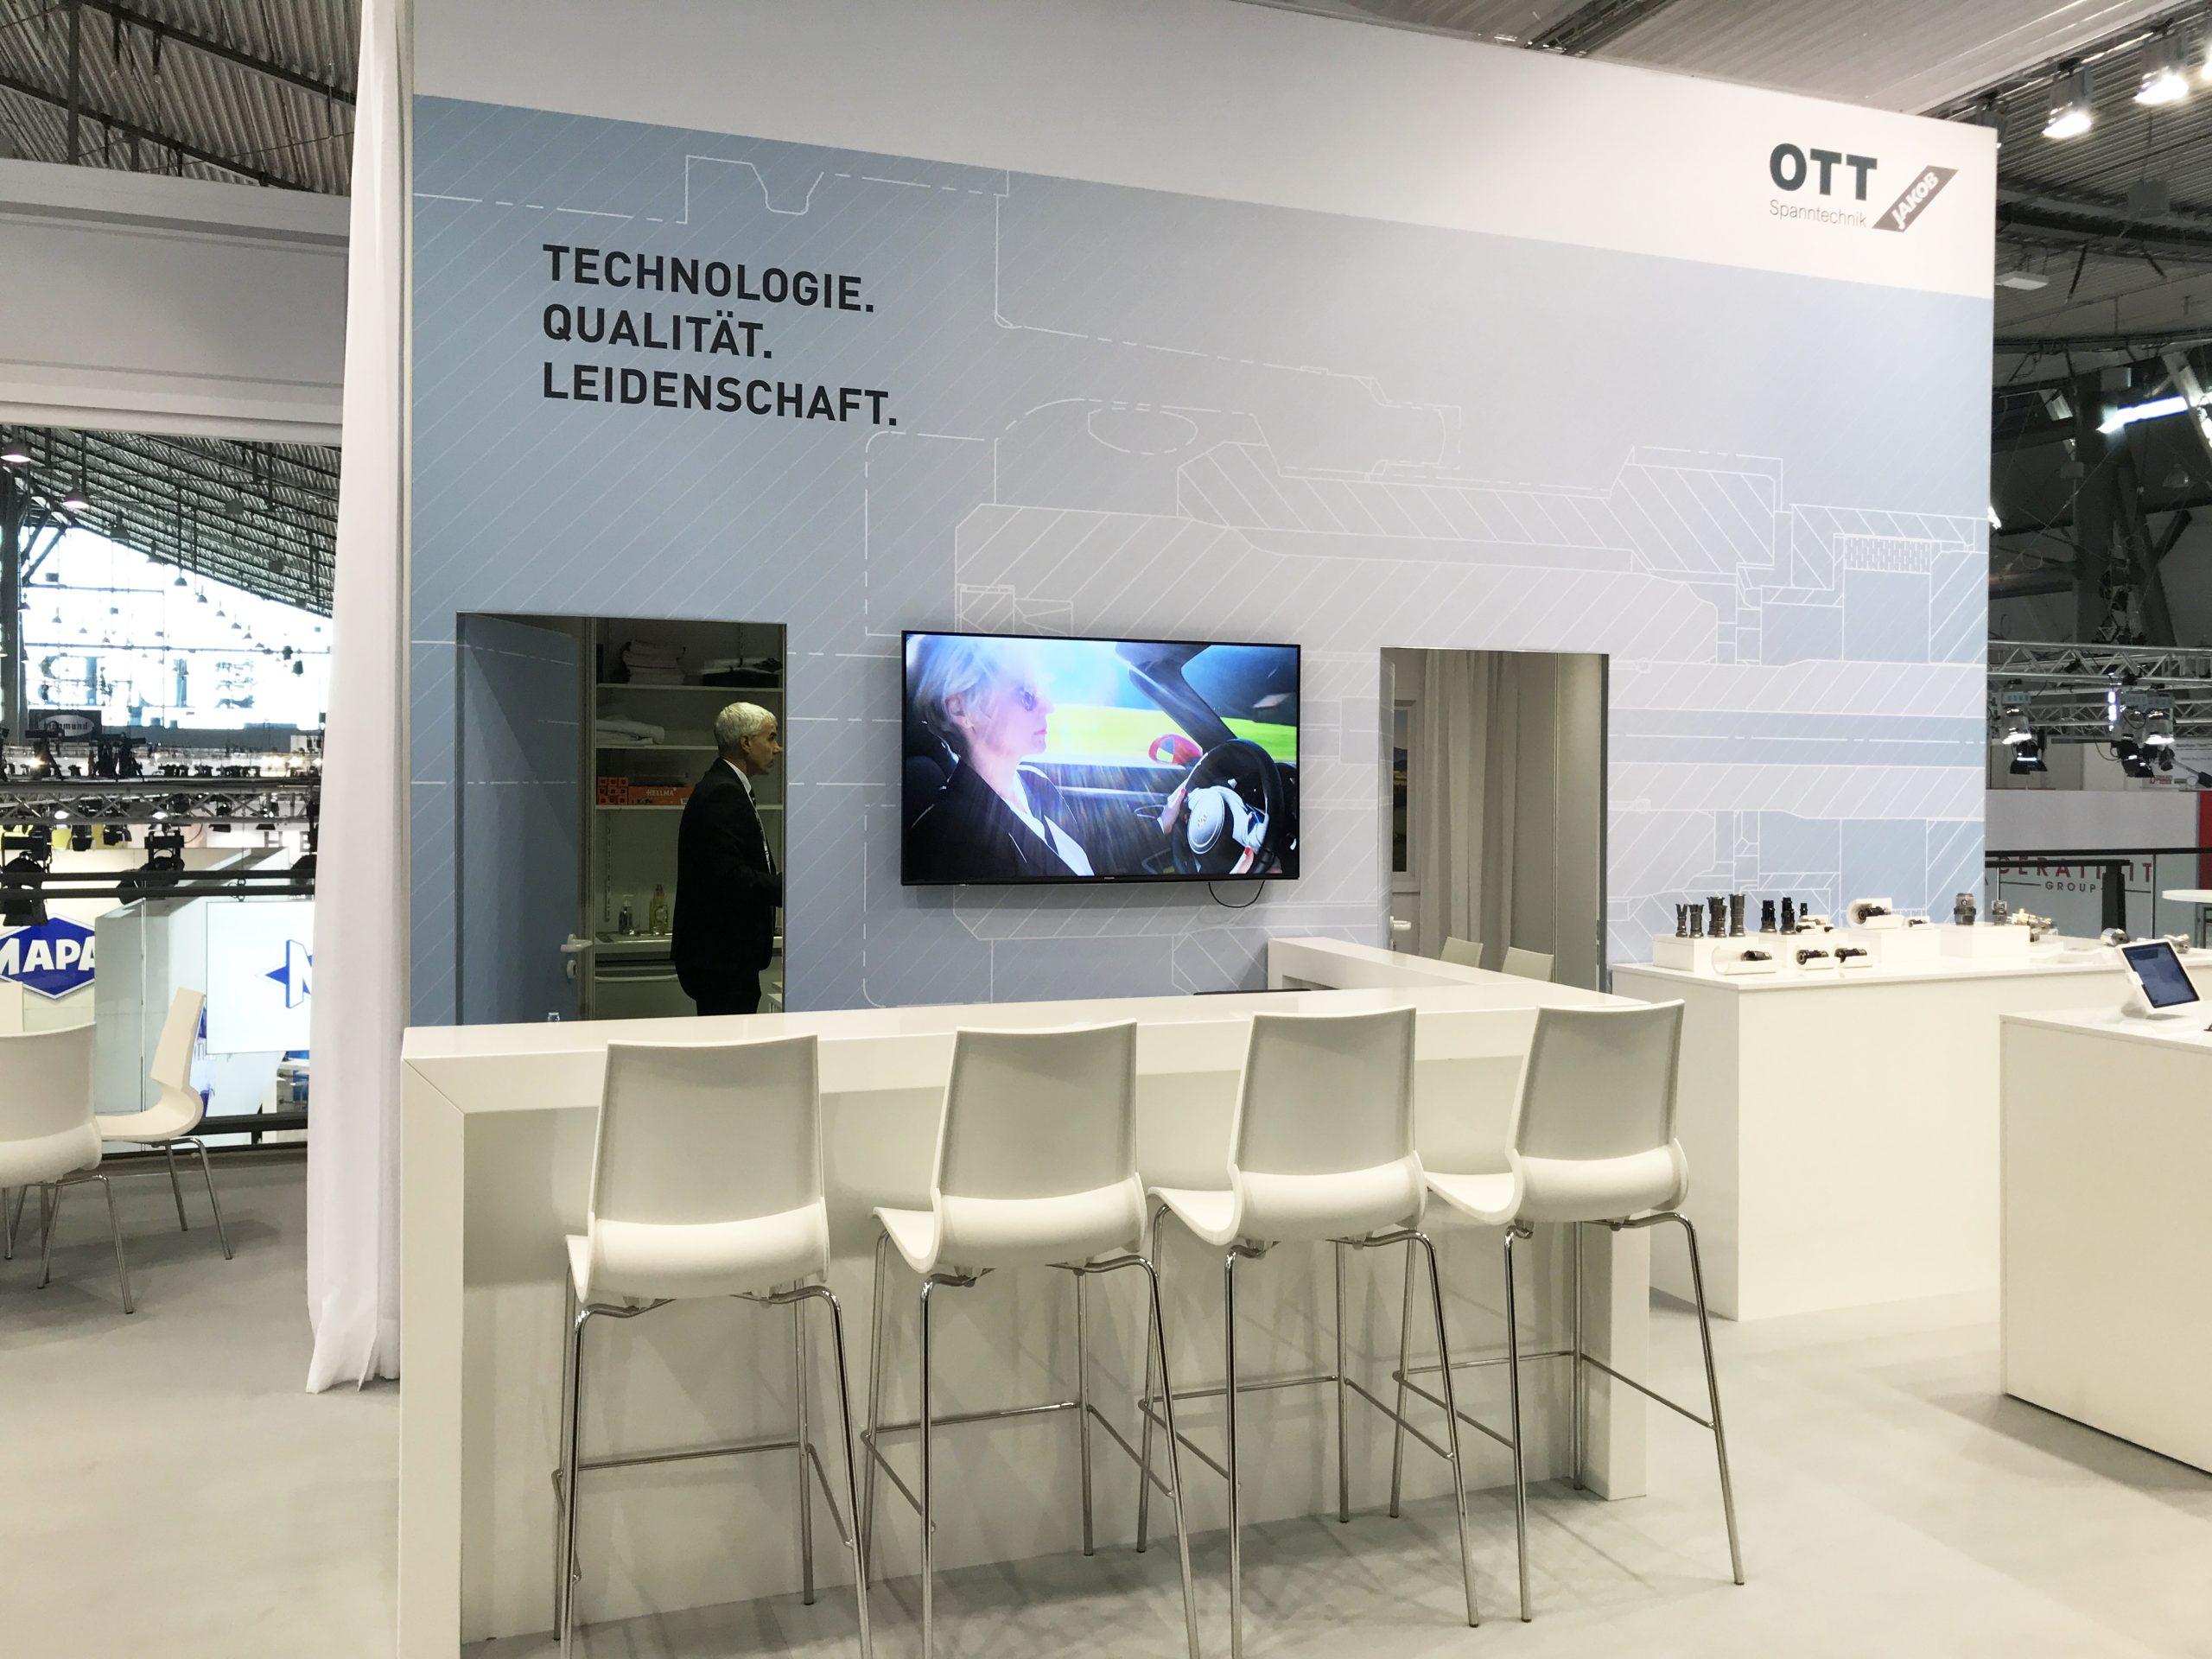 OTT-JAKOB - Unternehmen - Bild - OTT-JAKOB auf der AMB 2018